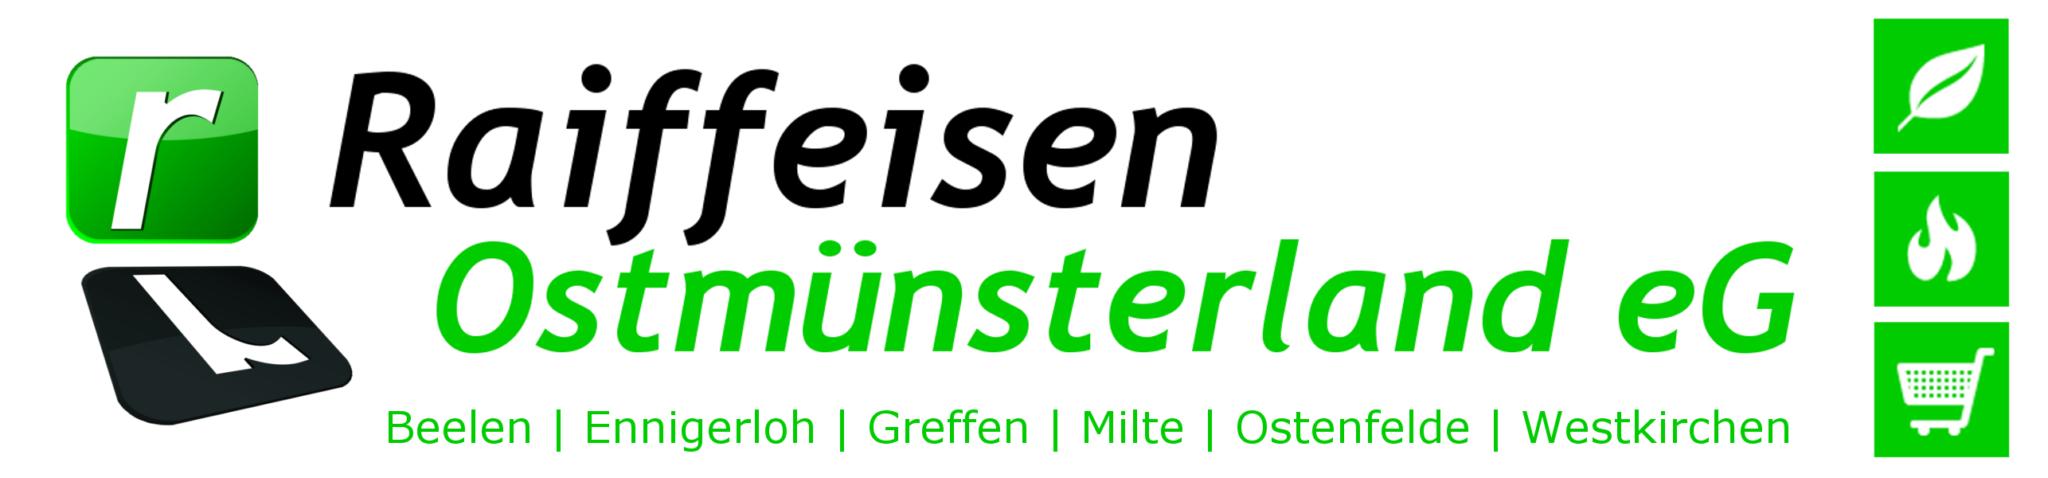 Raiffeisen Ostmünsterland eG